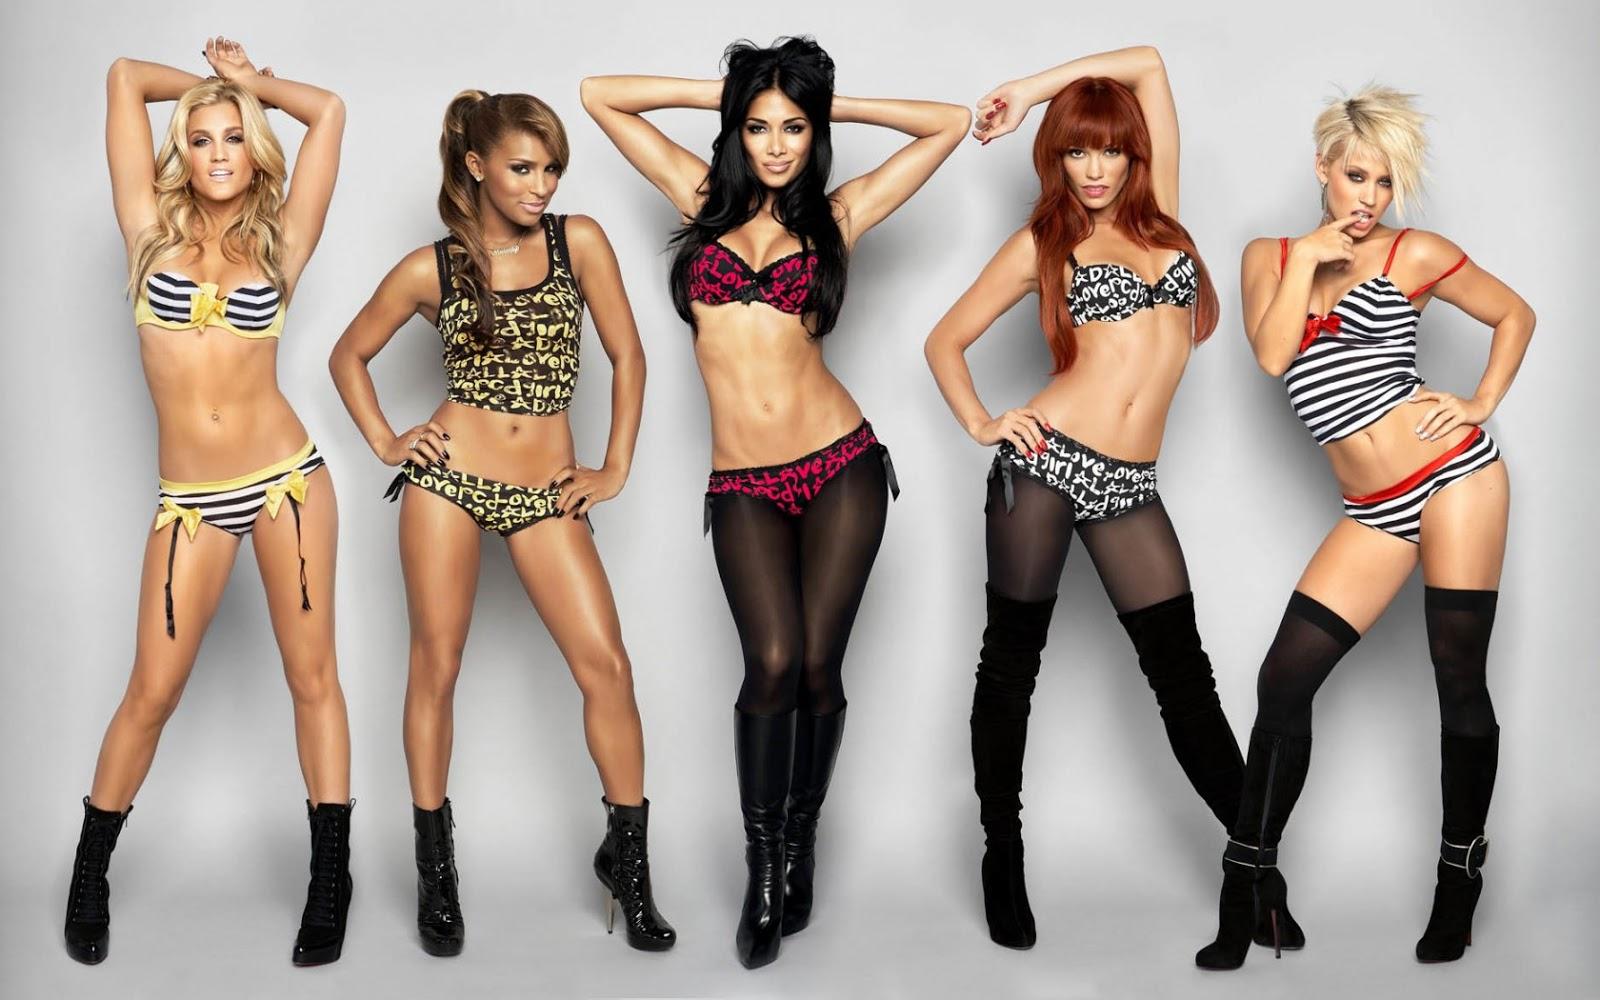 http://1.bp.blogspot.com/-7i-SzIOsuMQ/URPZCAHIrDI/AAAAAAAA2MU/dt1n6eOGbh8/s1600/Nicole-Scherzinger_The-Pussycat-Dolls-Wallpapers_Fondos-de-Pantalla-HD.jpg